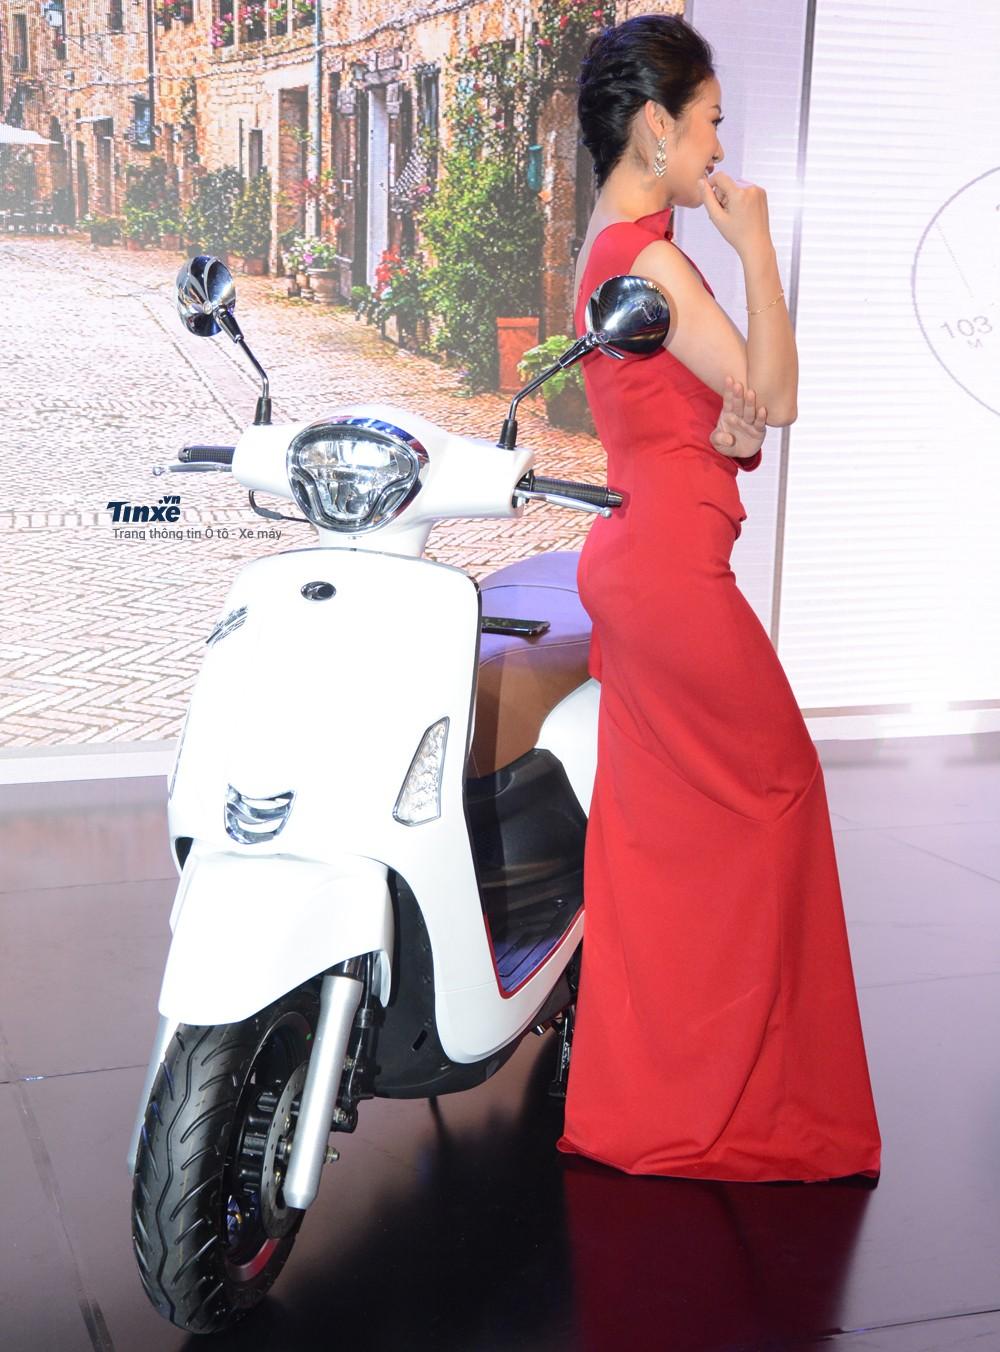 Ngoài việc ra mắt mẫu xe ga 550 phân khối AK550 với mức giá bán 375 triệuĐồng, hãng xe máyĐài Loan còn giới thiệuđến các khách hàng Việt chiếc xe ga 125 phân khối Like 125.